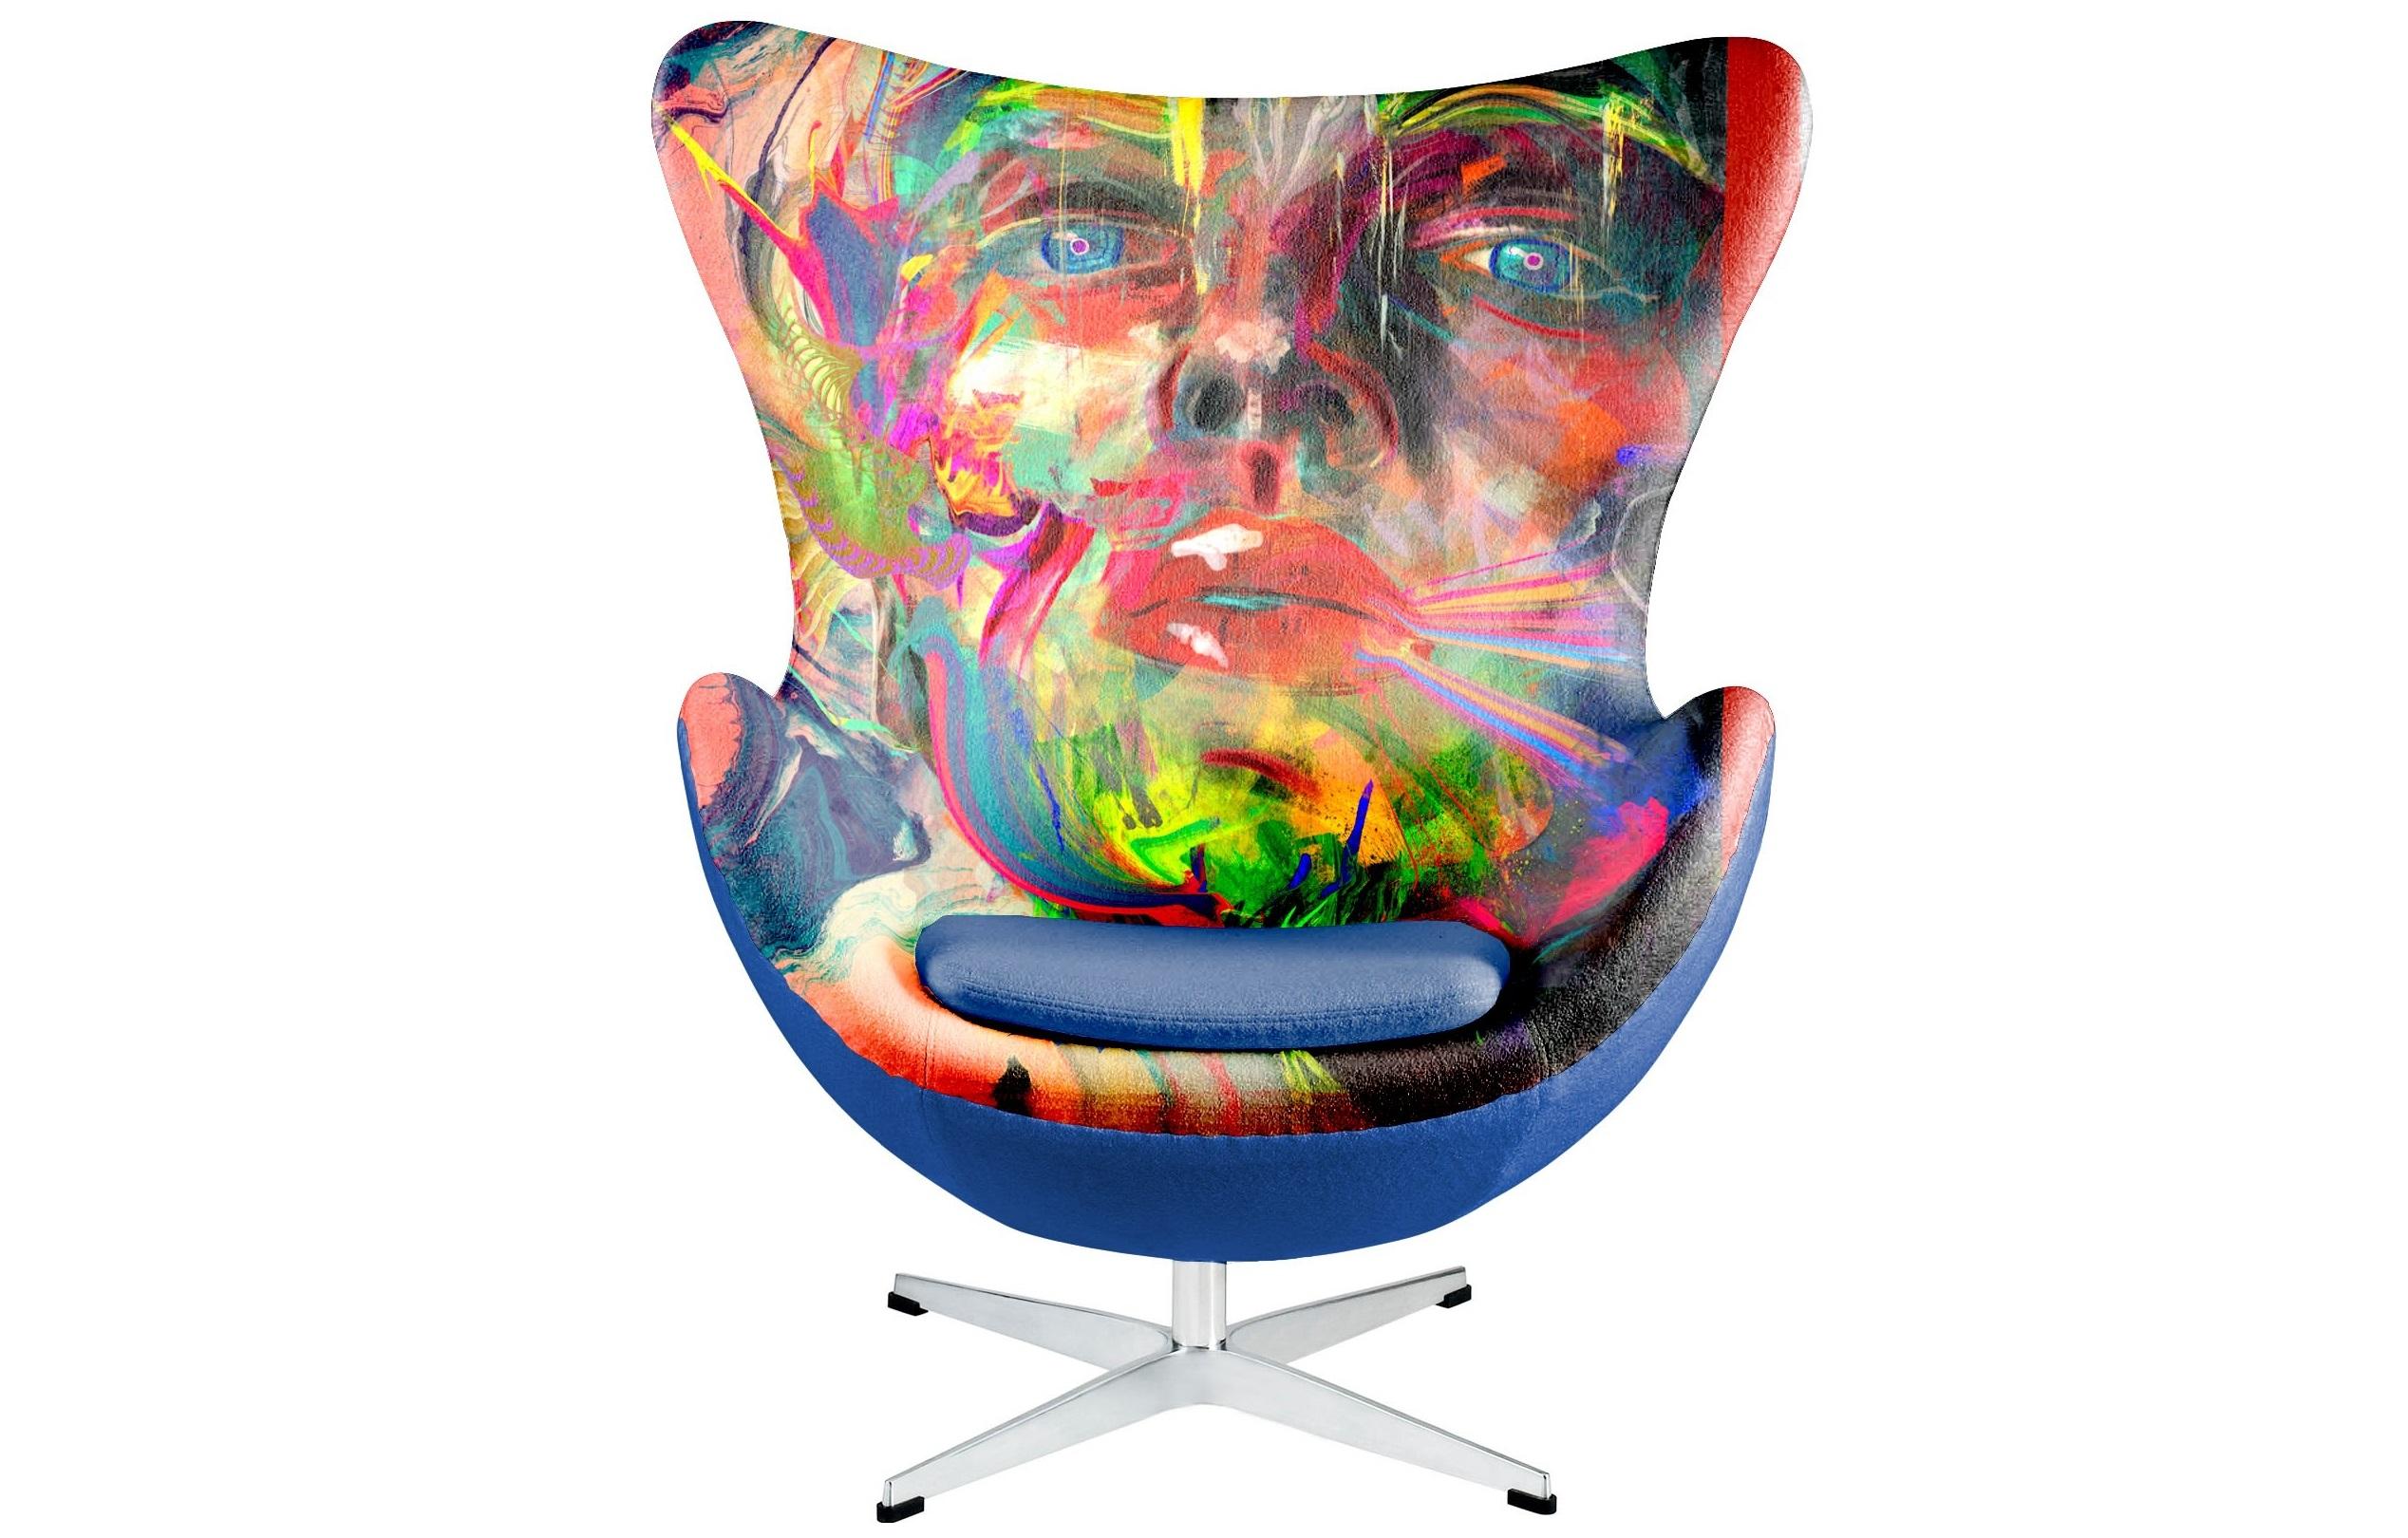 Кресло EGG Sweet AmberКожаные кресла<br>Уникальный дизайн. Кресло с притом супер талантливого и знаменитого во всем мире индийского художника Archan Nair / Арчан Наир. Он сотрудничал с многими людьми и разными компаниями во всем мире, такими как Canon, Nike, Tiger Beer, Sony и т.д. а теперь еще и с производтелями предметов интерьера ICON DESIGNE. Произвдено из экологически чистых материалов. Каркас - стекловолокно ,ножки  - металл. Модель представлена в ткани микровелюр – мягкий, бархатистый материал, широко используемый в качестве обивки для мебели. Обладает целым рядом замечательных свойств: отлично пропускает воздух, отталкивает пыль и долго сохраняет изначальный цвет, не протираясь и не выцветая. Высокие эксплуатационные свойства в сочетании с превосходным дизайном обеспечили микровелюру большую популярность.&amp;amp;nbsp;&amp;lt;div&amp;gt;&amp;lt;br&amp;gt;&amp;lt;/div&amp;gt;&amp;lt;div&amp;gt;Варианты исполнения: <br>По желанию возможность выбрать ткань из других коллекций.&amp;amp;nbsp;&amp;lt;/div&amp;gt;&amp;lt;div&amp;gt;Гарантия: от производителя 1 год&amp;lt;/div&amp;gt;&amp;lt;div&amp;gt;Гарантия от производителя&amp;amp;nbsp;&amp;lt;/div&amp;gt;&amp;lt;div&amp;gt;Материалы: береза, текстиль.&amp;amp;nbsp;&amp;lt;/div&amp;gt;&amp;lt;div&amp;gt;Продукция изготавливается под заказ, стандартный срок производства 3-4 недели.&amp;amp;nbsp;&amp;lt;/div&amp;gt;&amp;lt;div&amp;gt;Более точную информацию уточняйте у менеджера.&amp;lt;/div&amp;gt;<br><br>Material: Текстиль<br>Length см: None<br>Width см: 82<br>Depth см: 76<br>Height см: 105